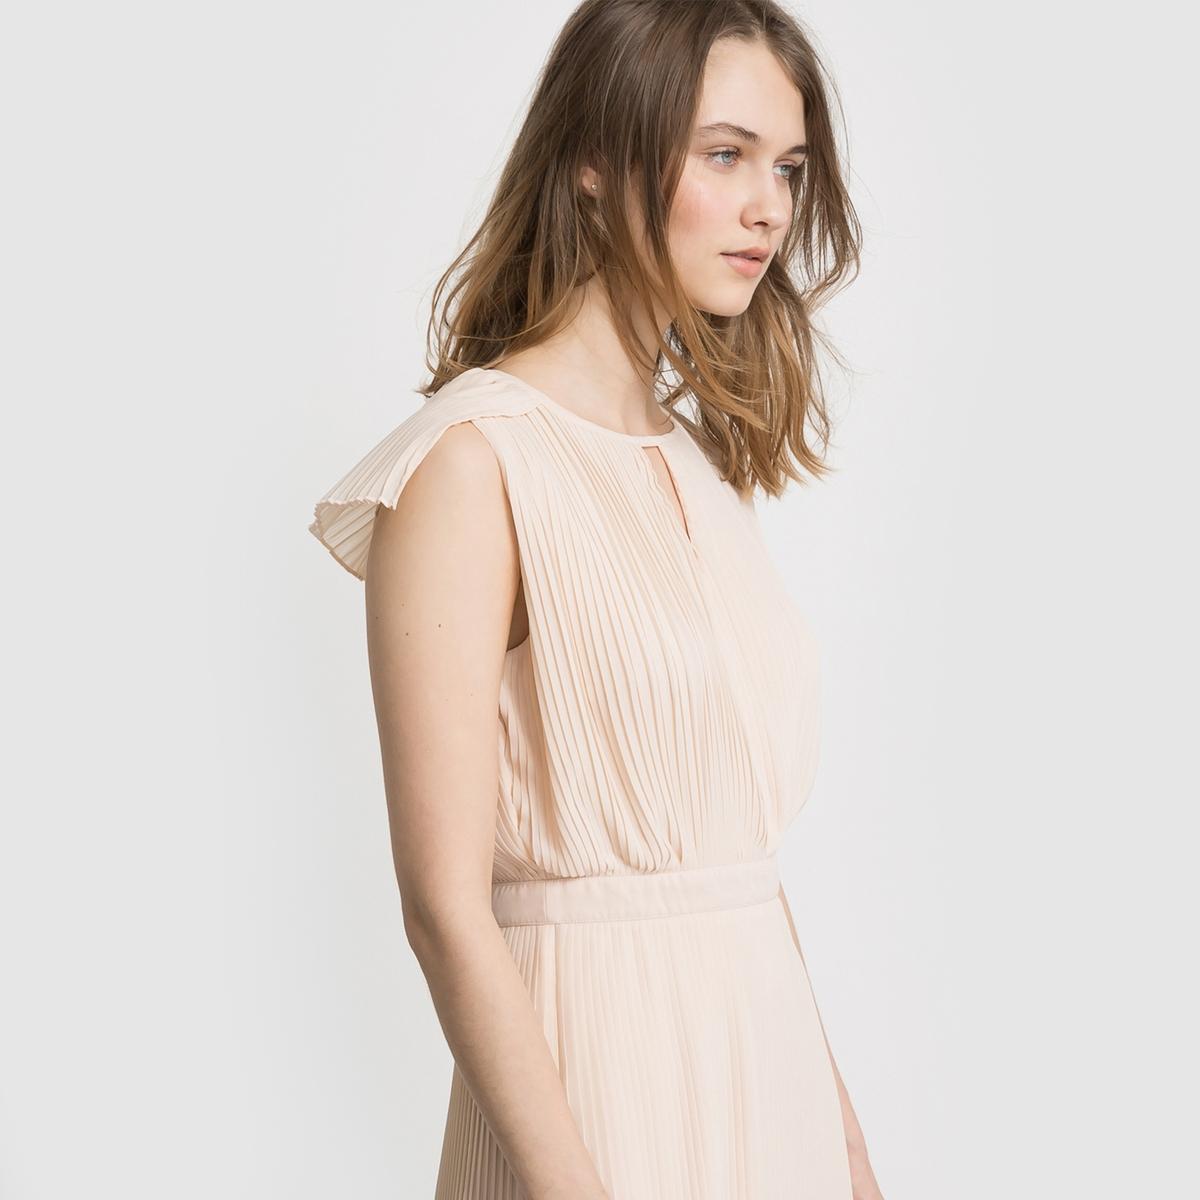 Платье со складкамиПлатье плиссированное без рукавов из лёгкой и струящейся ткани. Подчёркнутая талия. Вырез с завязками спереди . Полностью плиссированная ткань.Состав и описаниеМатериал : 100% полиэстера, подкладка из 100% хлопкаДлина : 100 смМарка : MADEMOISELLE R<br><br>Цвет: розовый телесный